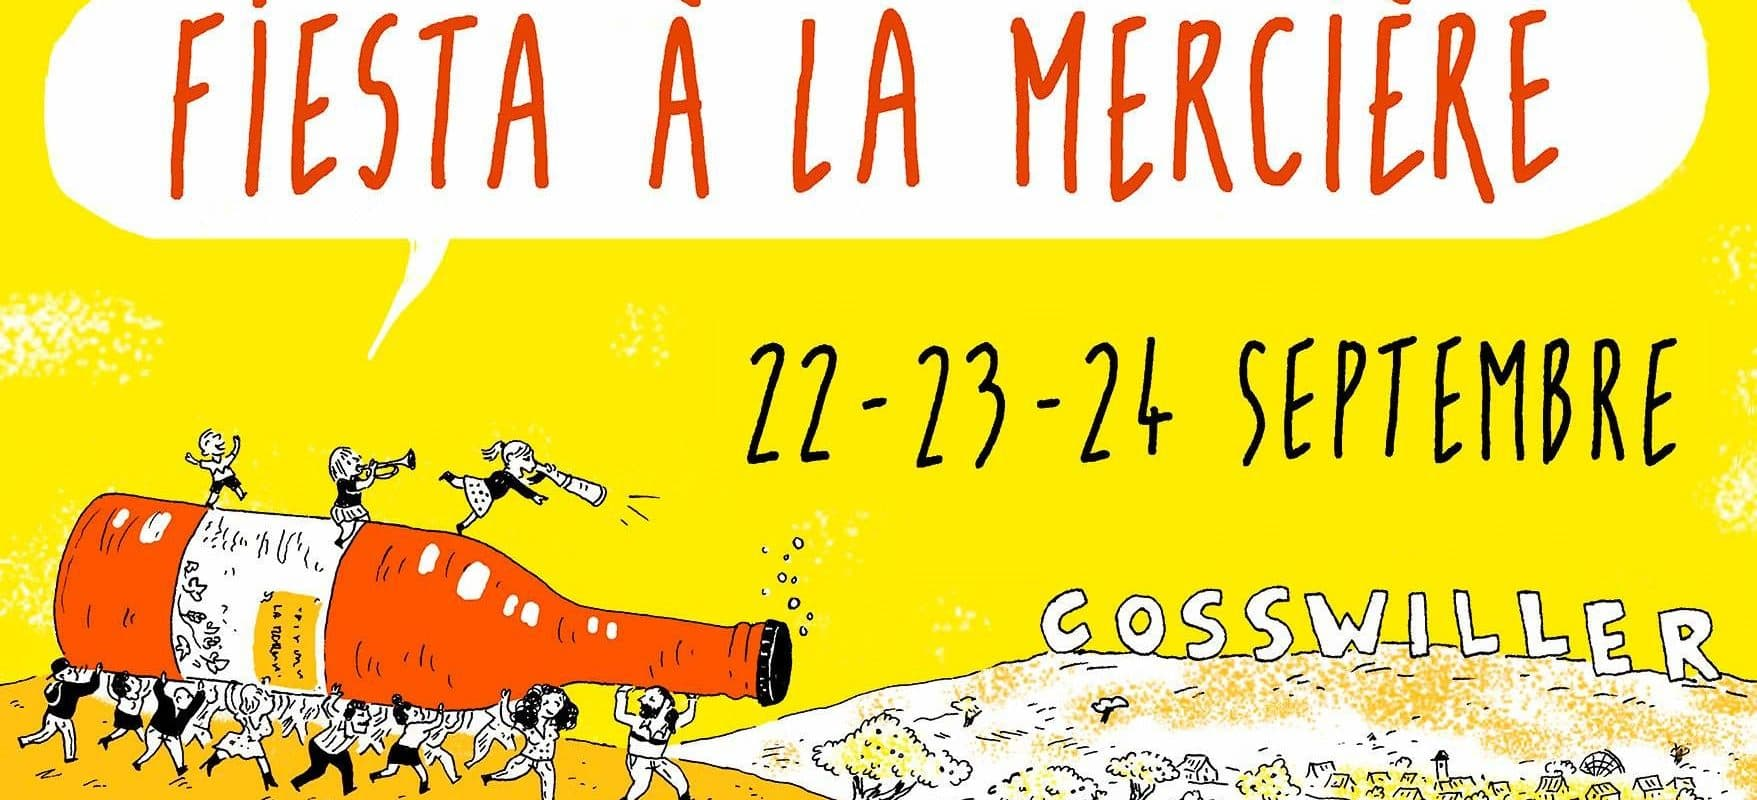 Du 22 au 24 septembre, inauguration festive de la nouvelle brasserie La Mercière à Cosswiller